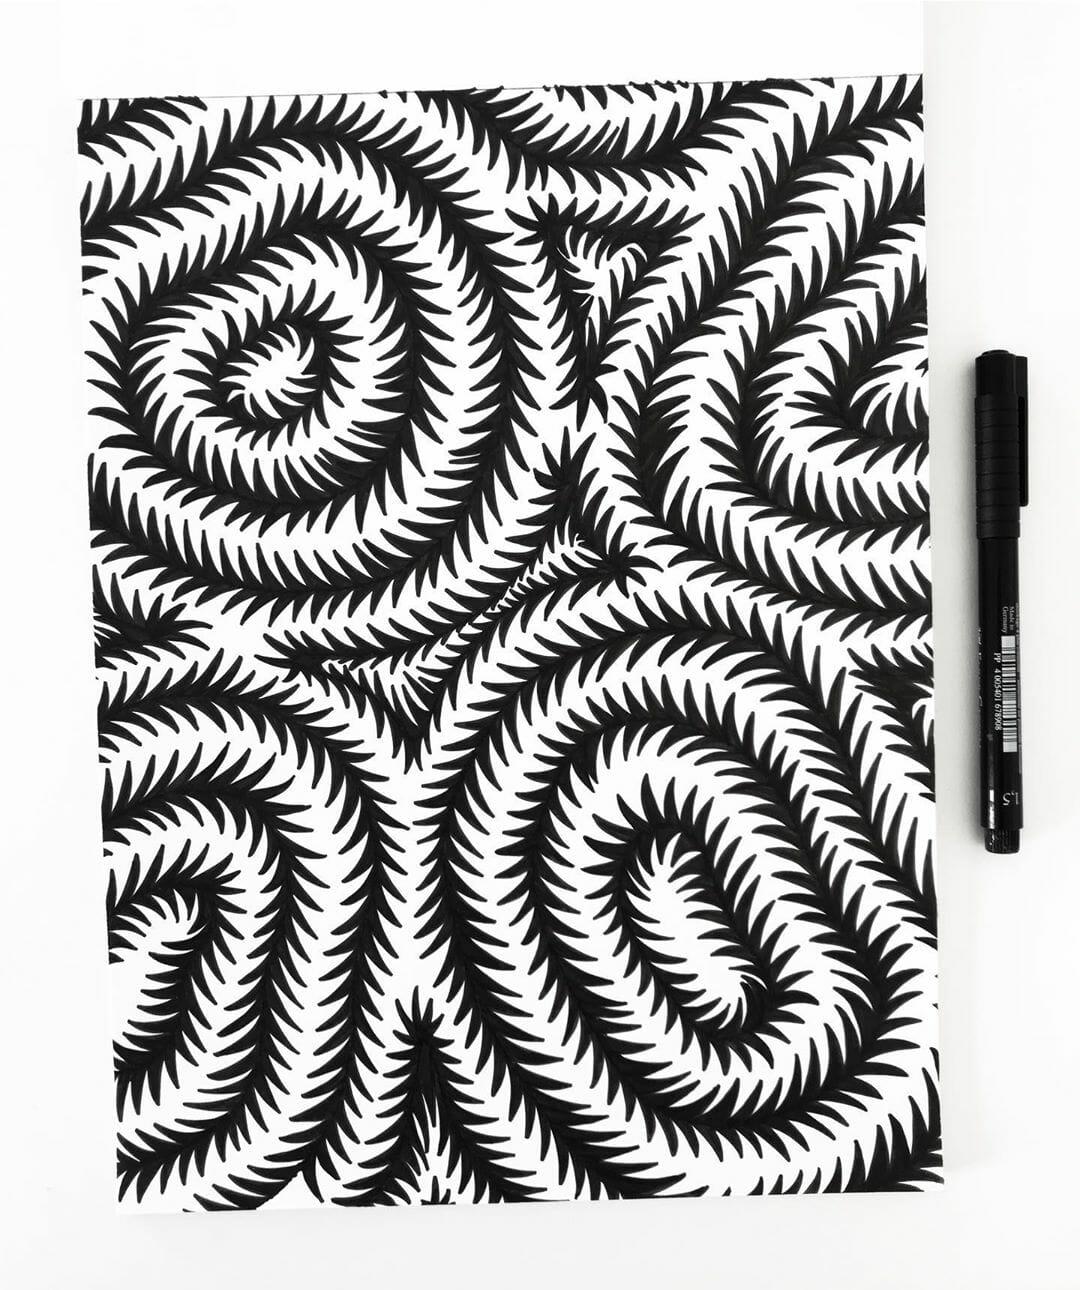 dessin hypnotique noir et blanc barbelés forme feutre